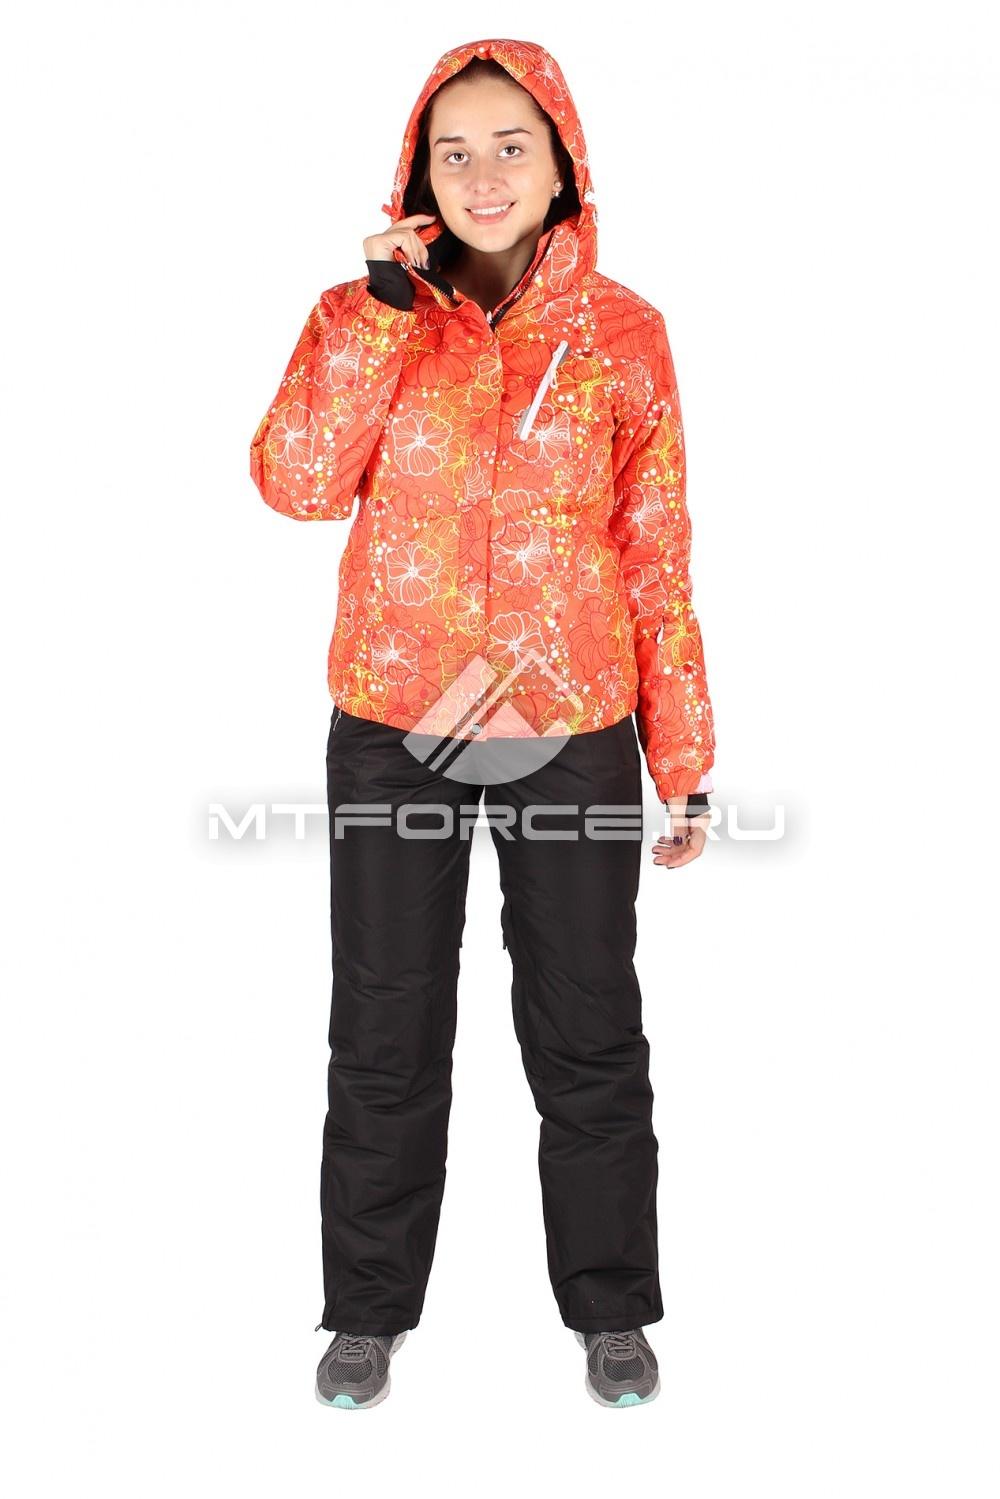 Горнолыжный костюм женский купить доставка